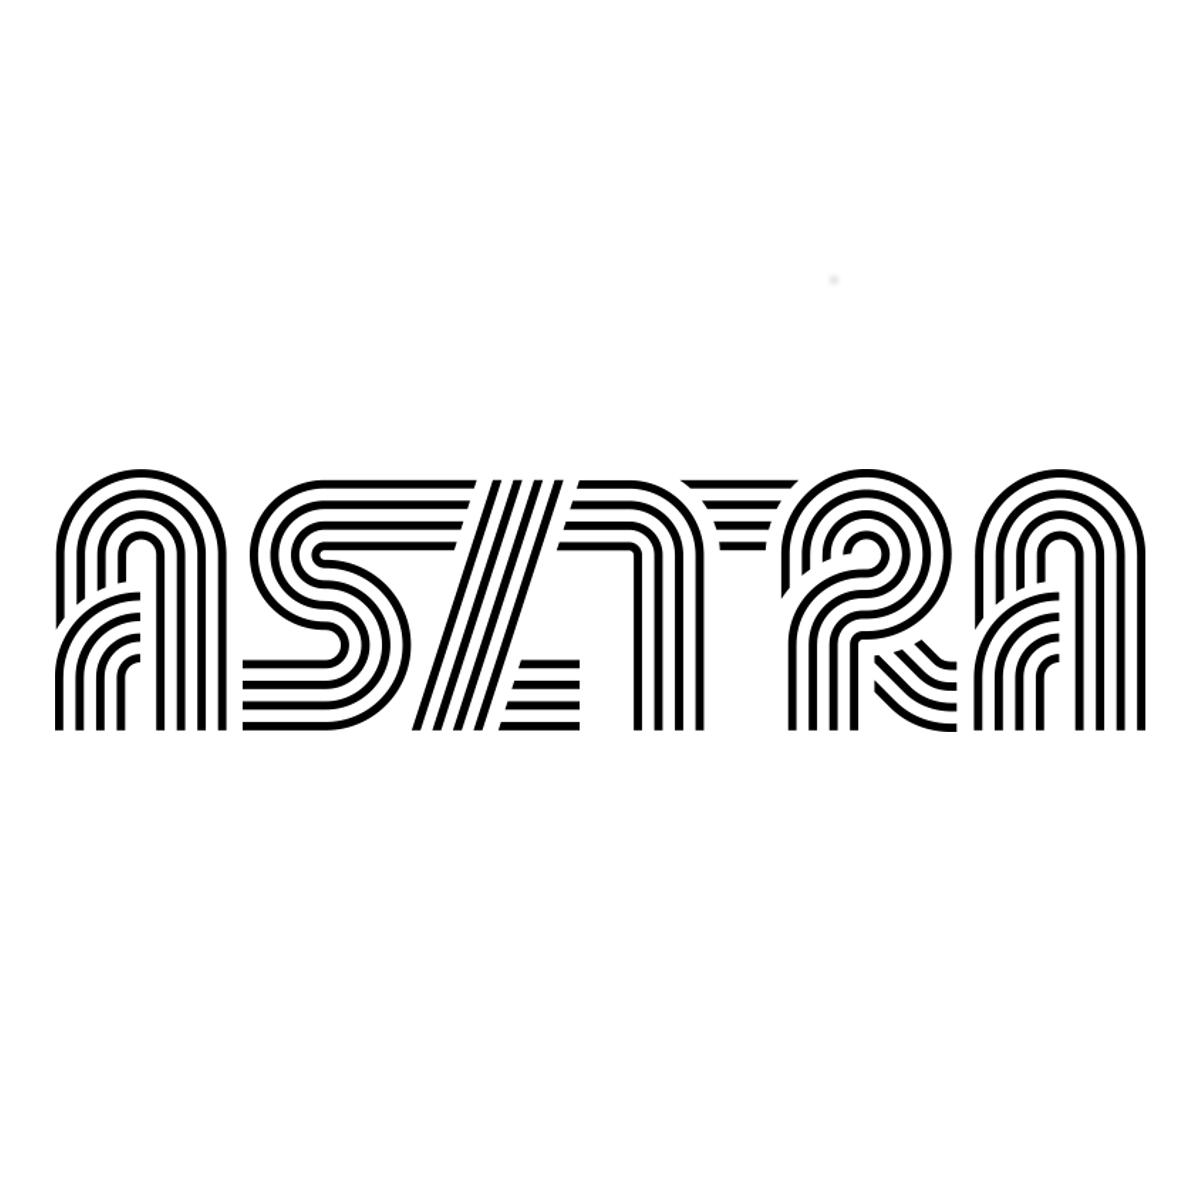 Pin by Kevin Rogers on Asztra Company logo, Tech company